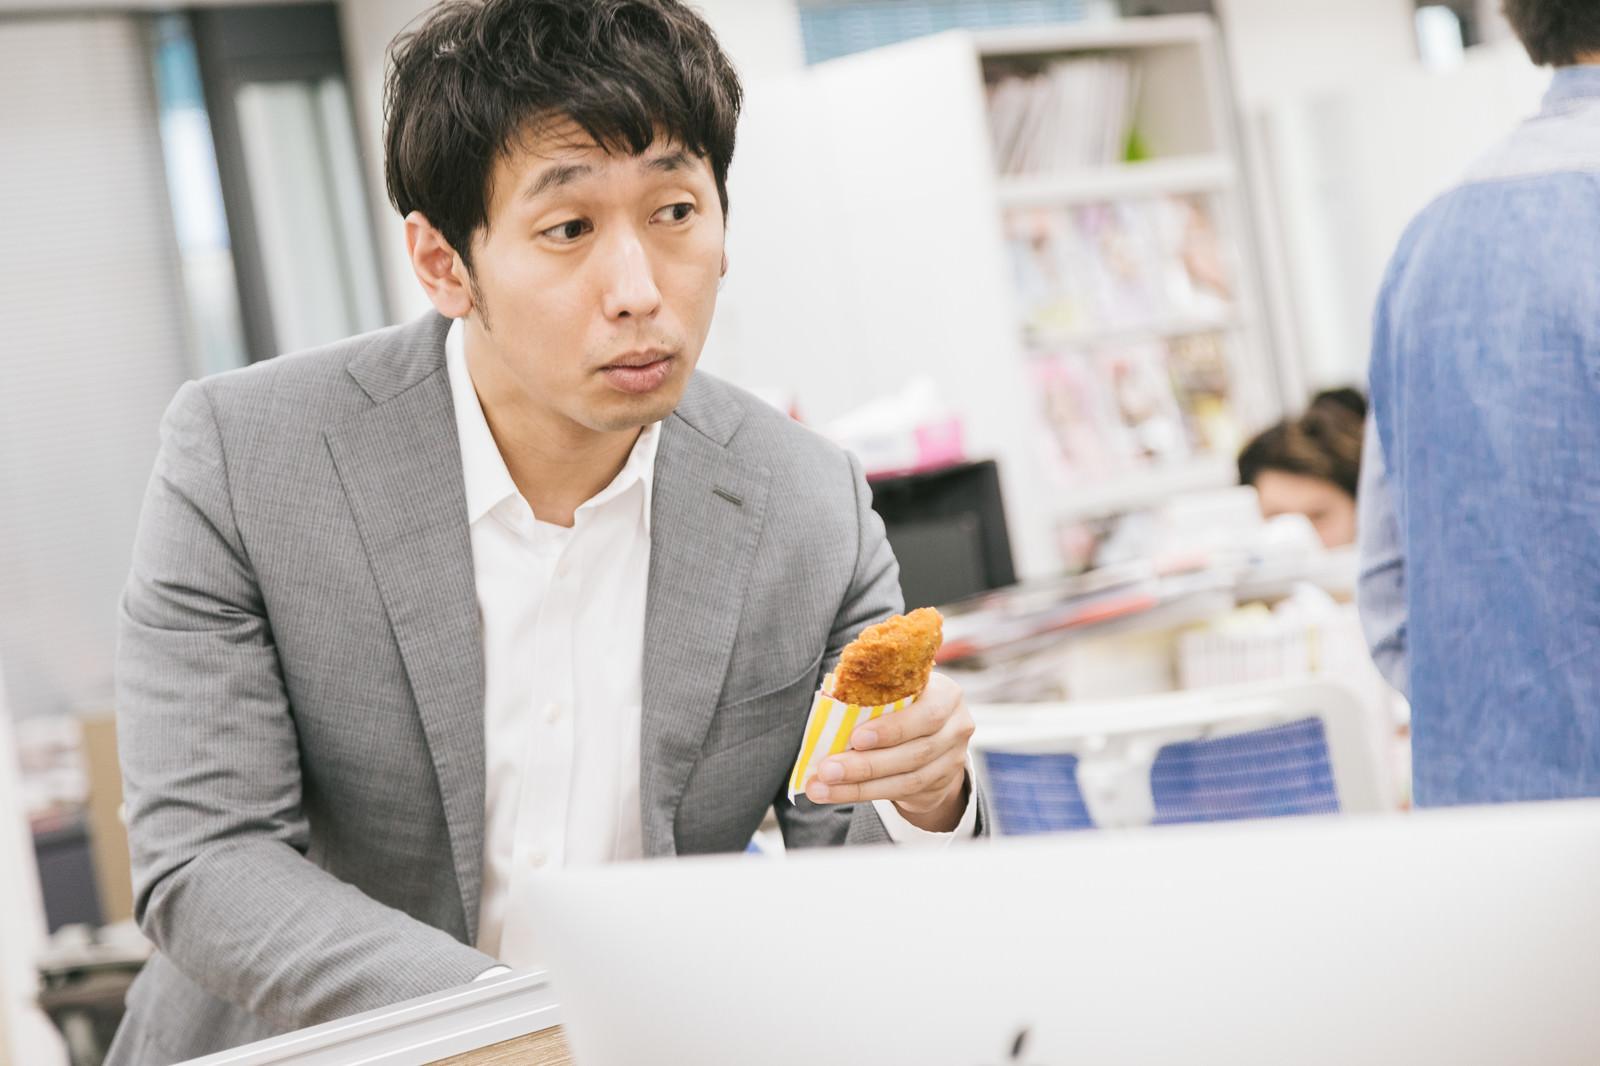 「「フライドチキン食べる?」と勧める隣席の先輩「フライドチキン食べる?」と勧める隣席の先輩」[モデル:大川竜弥]のフリー写真素材を拡大